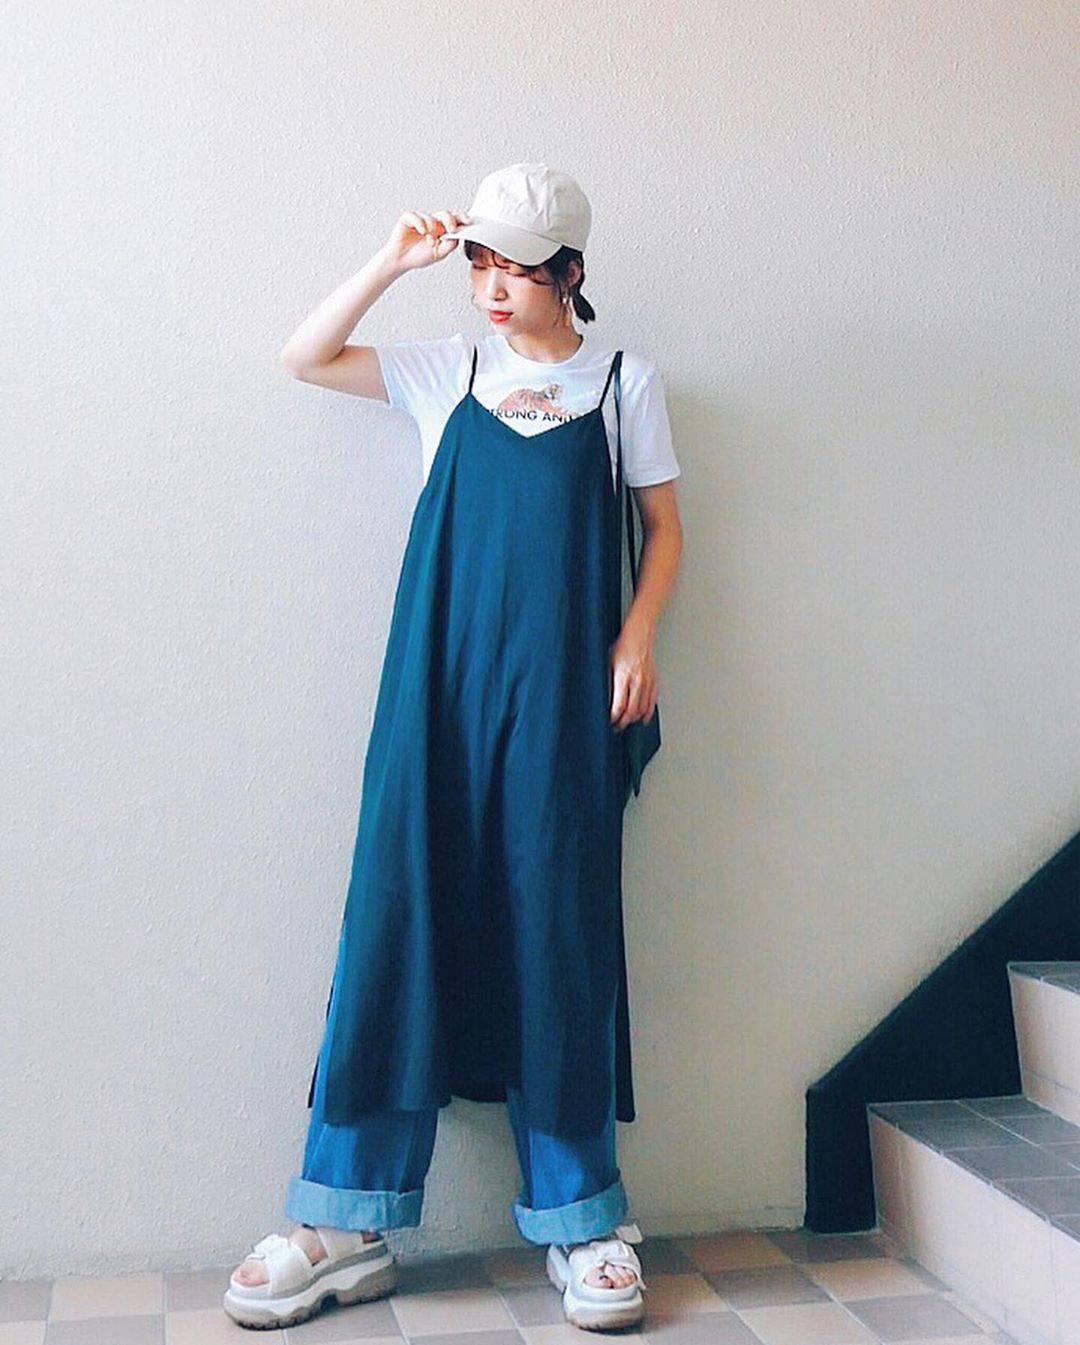 最高気温34度・最低気温25度 natsu_outfitsの服装